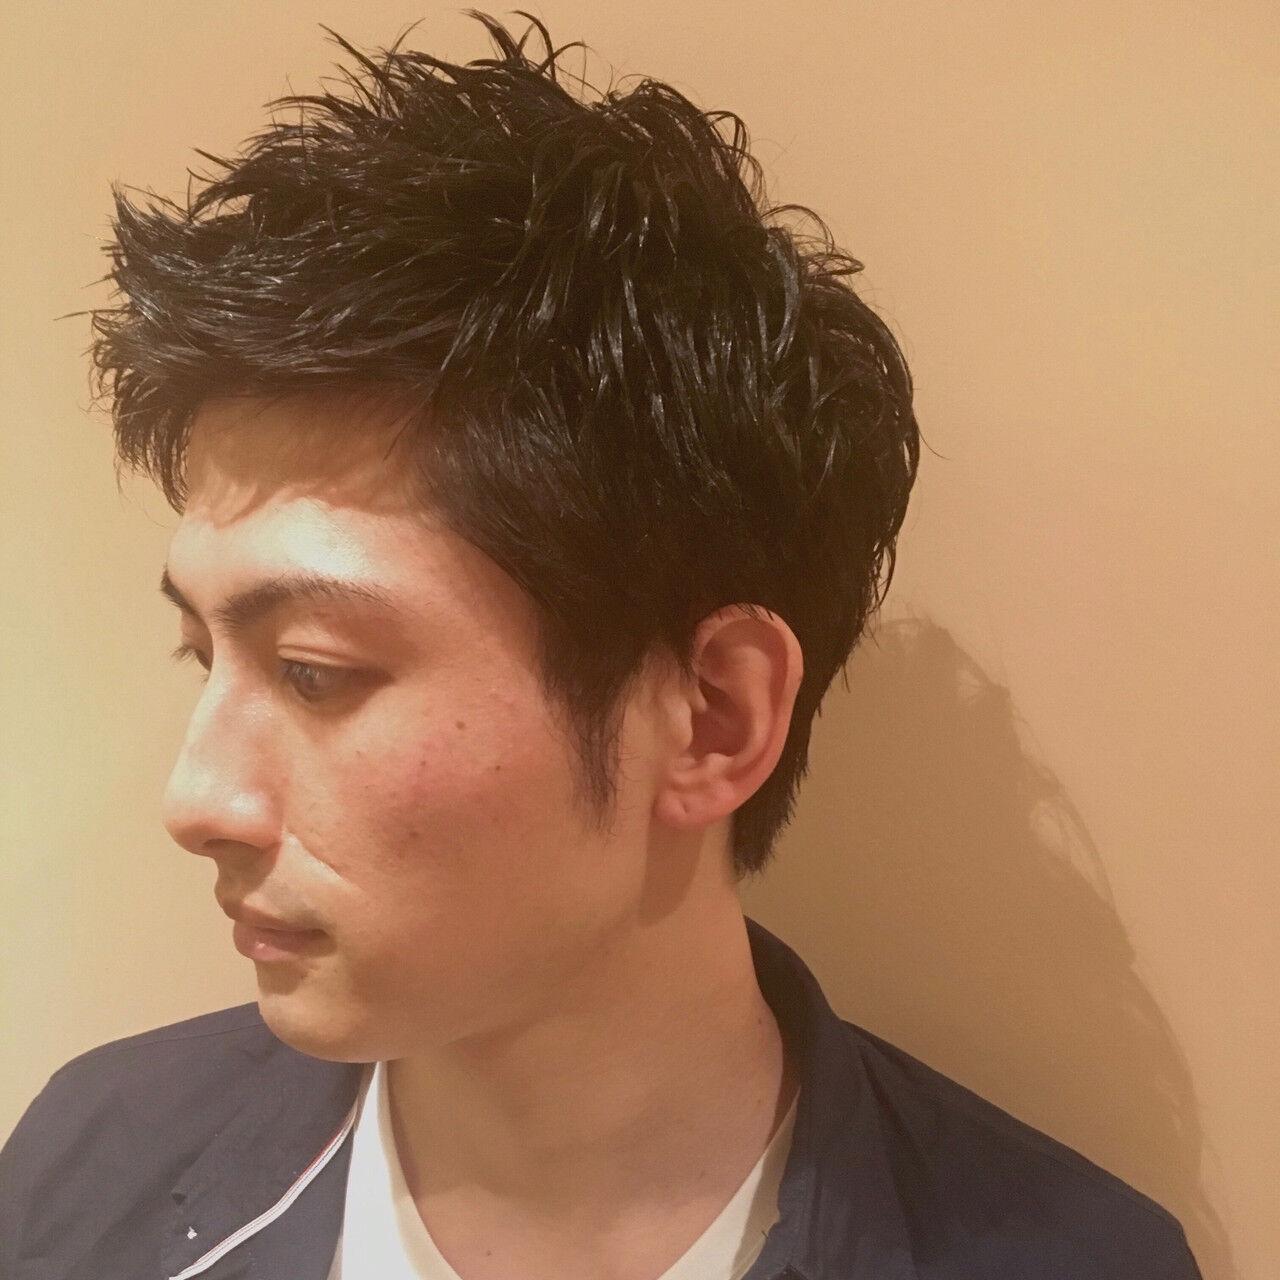 ナチュラル メンズスタイル メンズカット メンズショートヘアスタイルや髪型の写真・画像